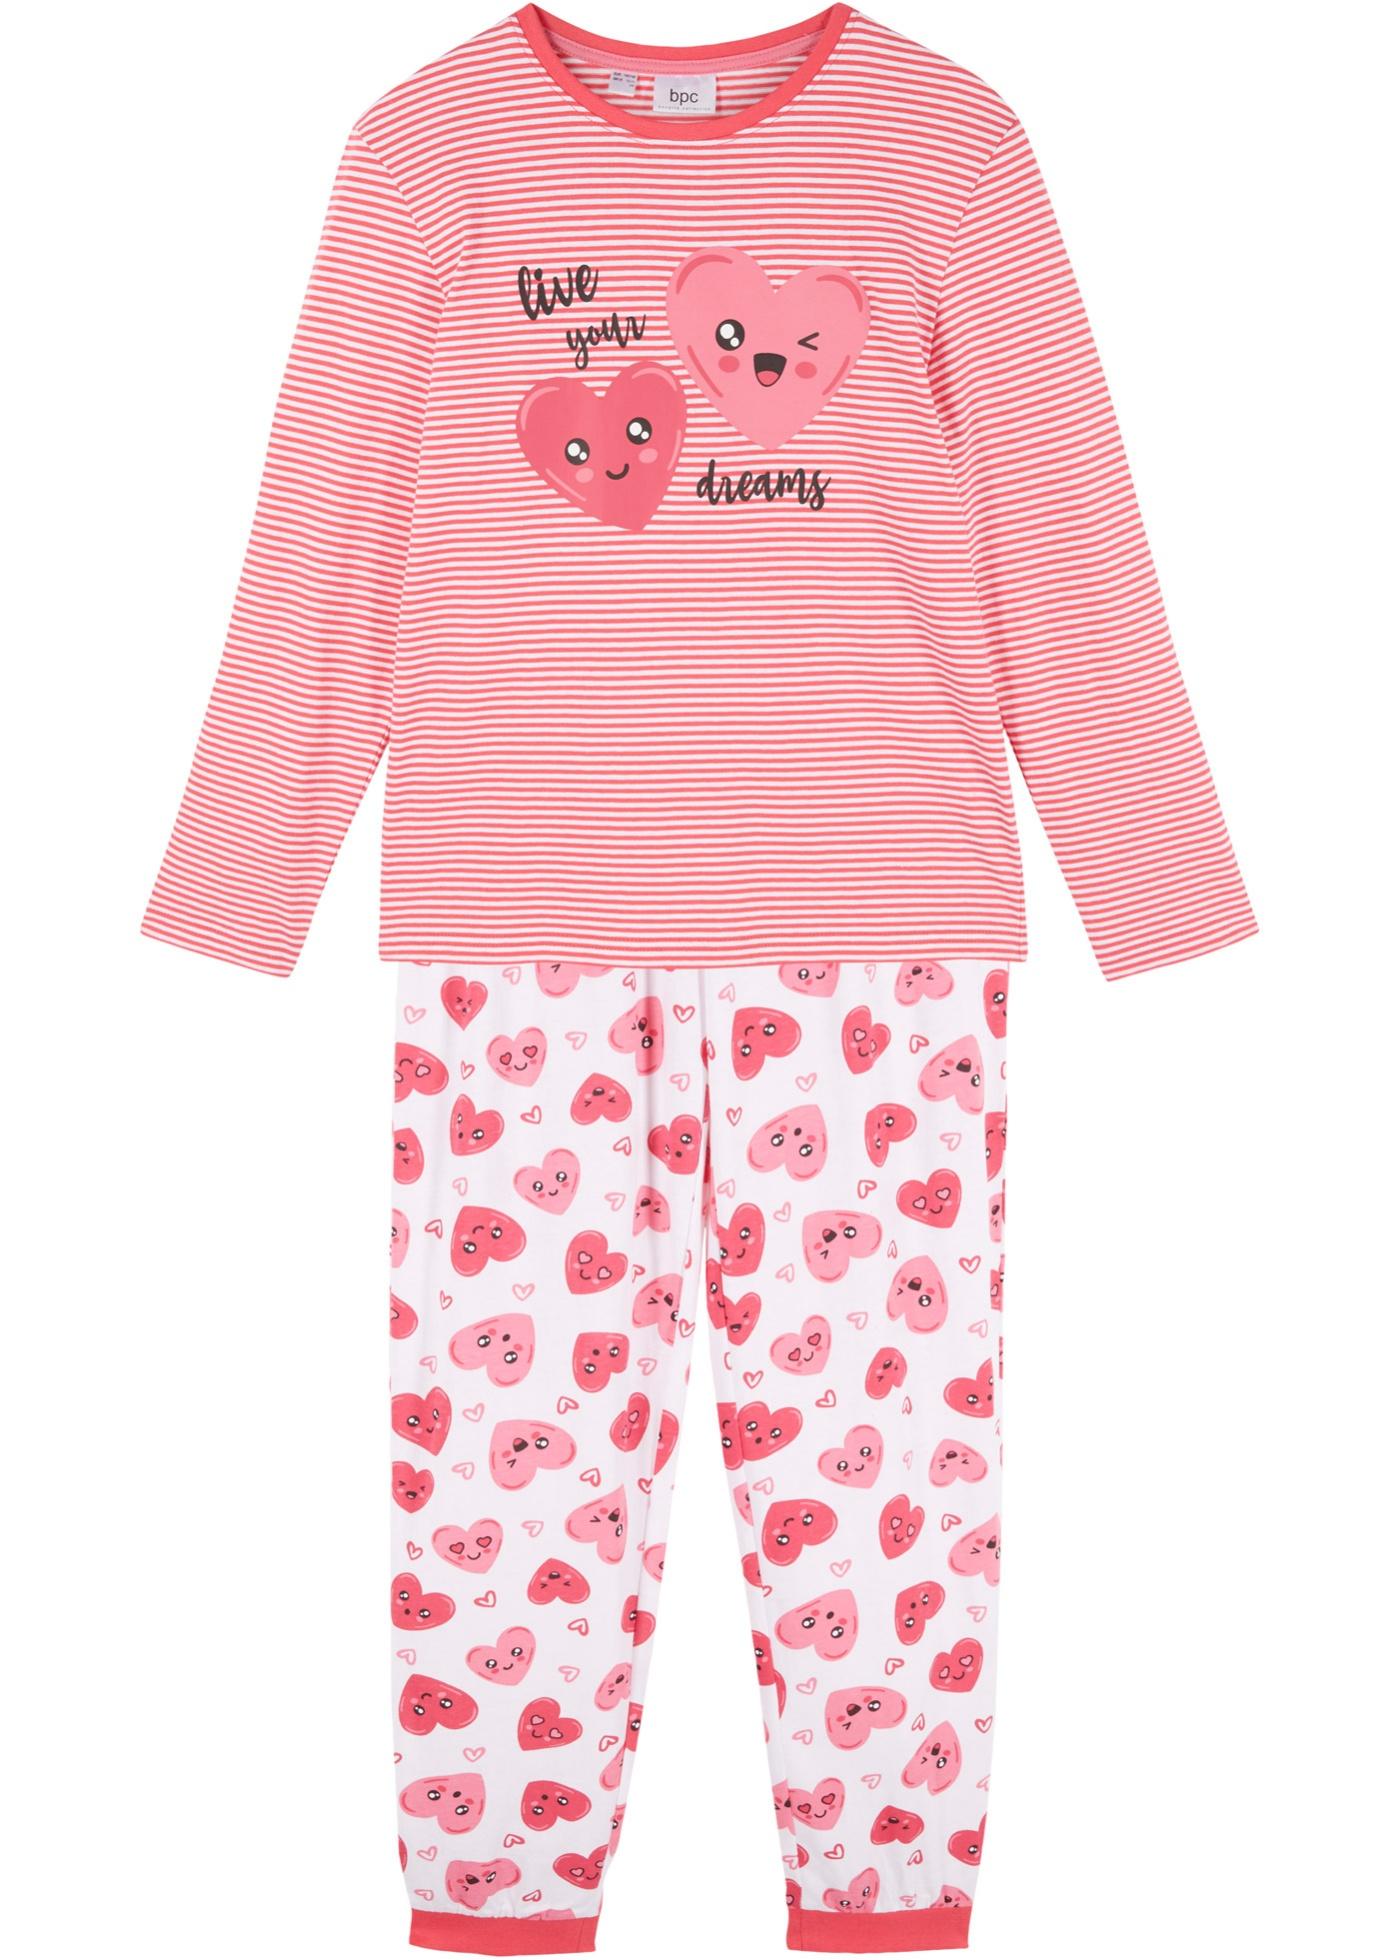 Mädchen Pyjama (2tlg. Set) aus Bio-Baumwolle